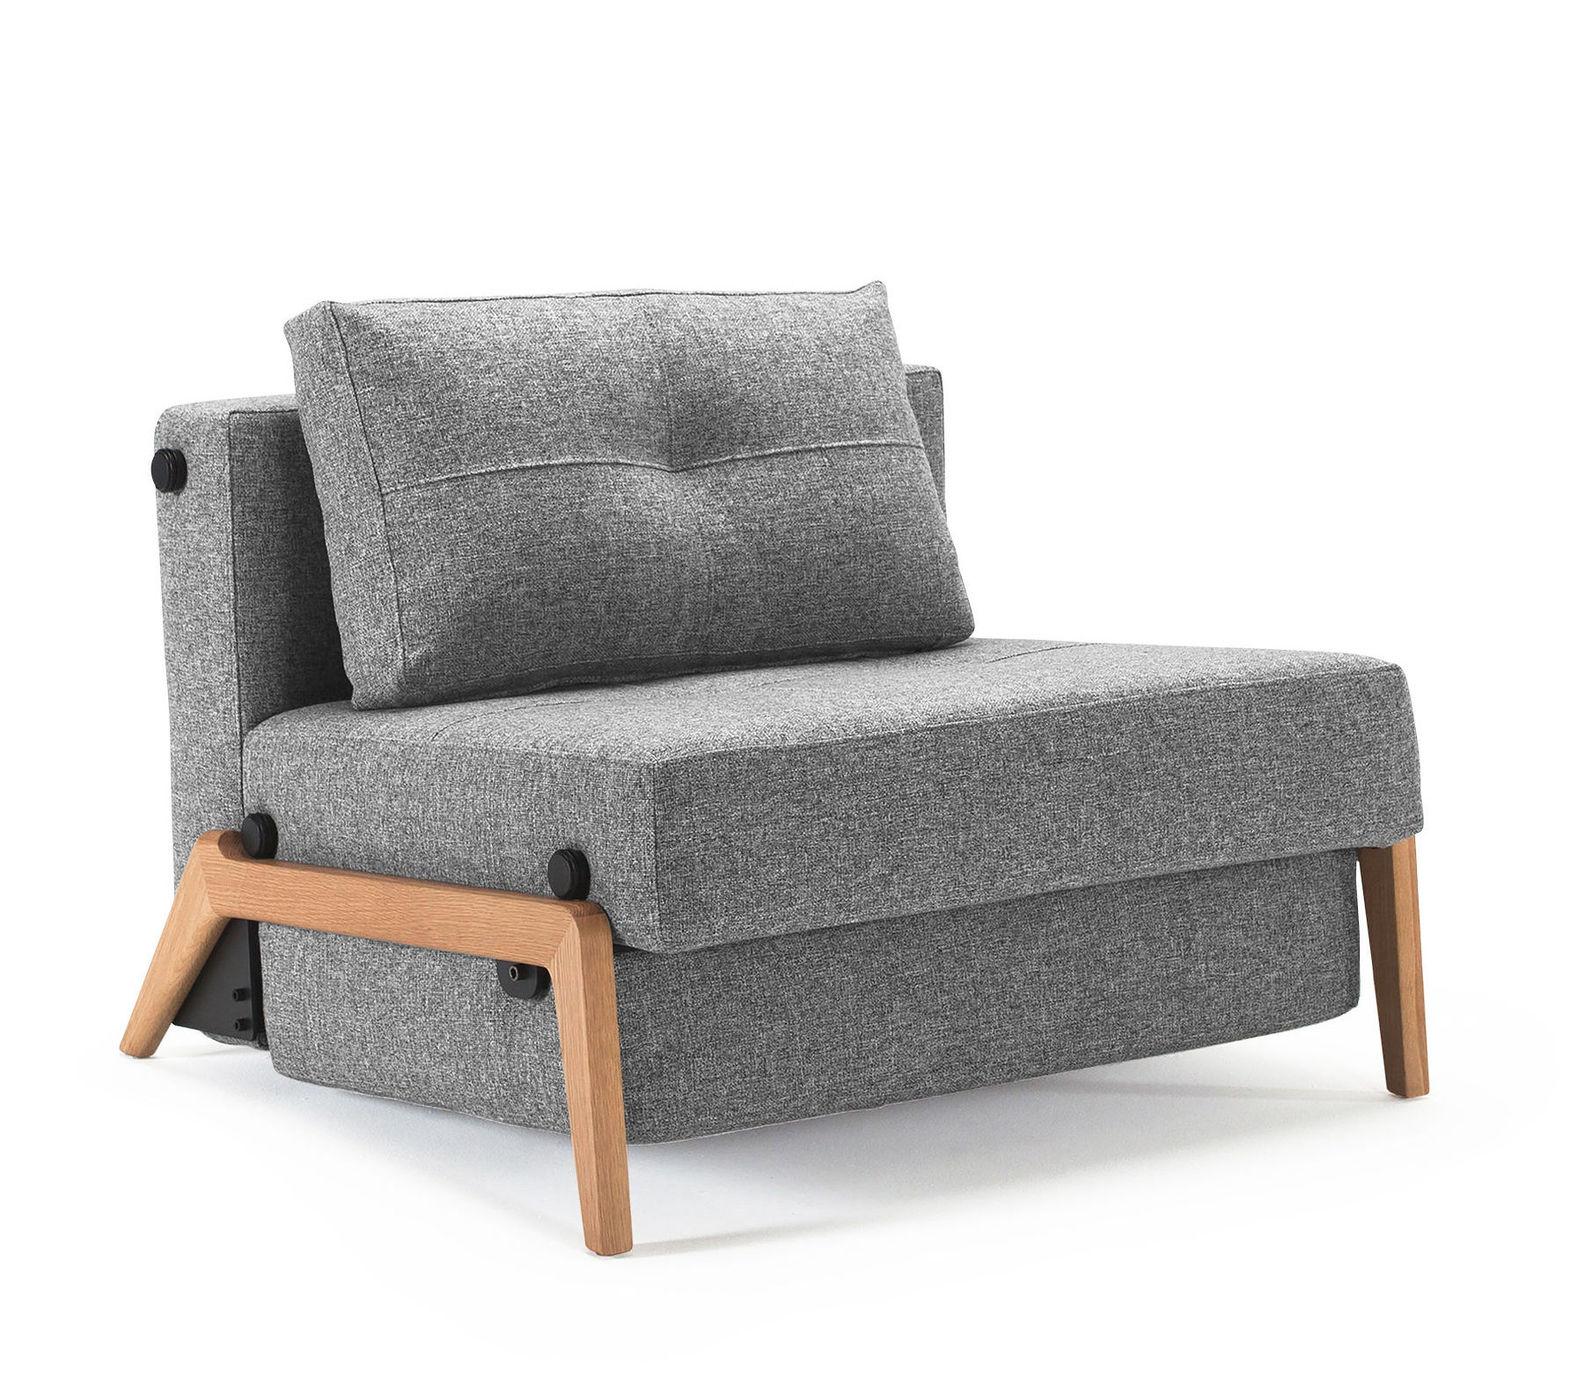 Single Sofa Bed Ikea